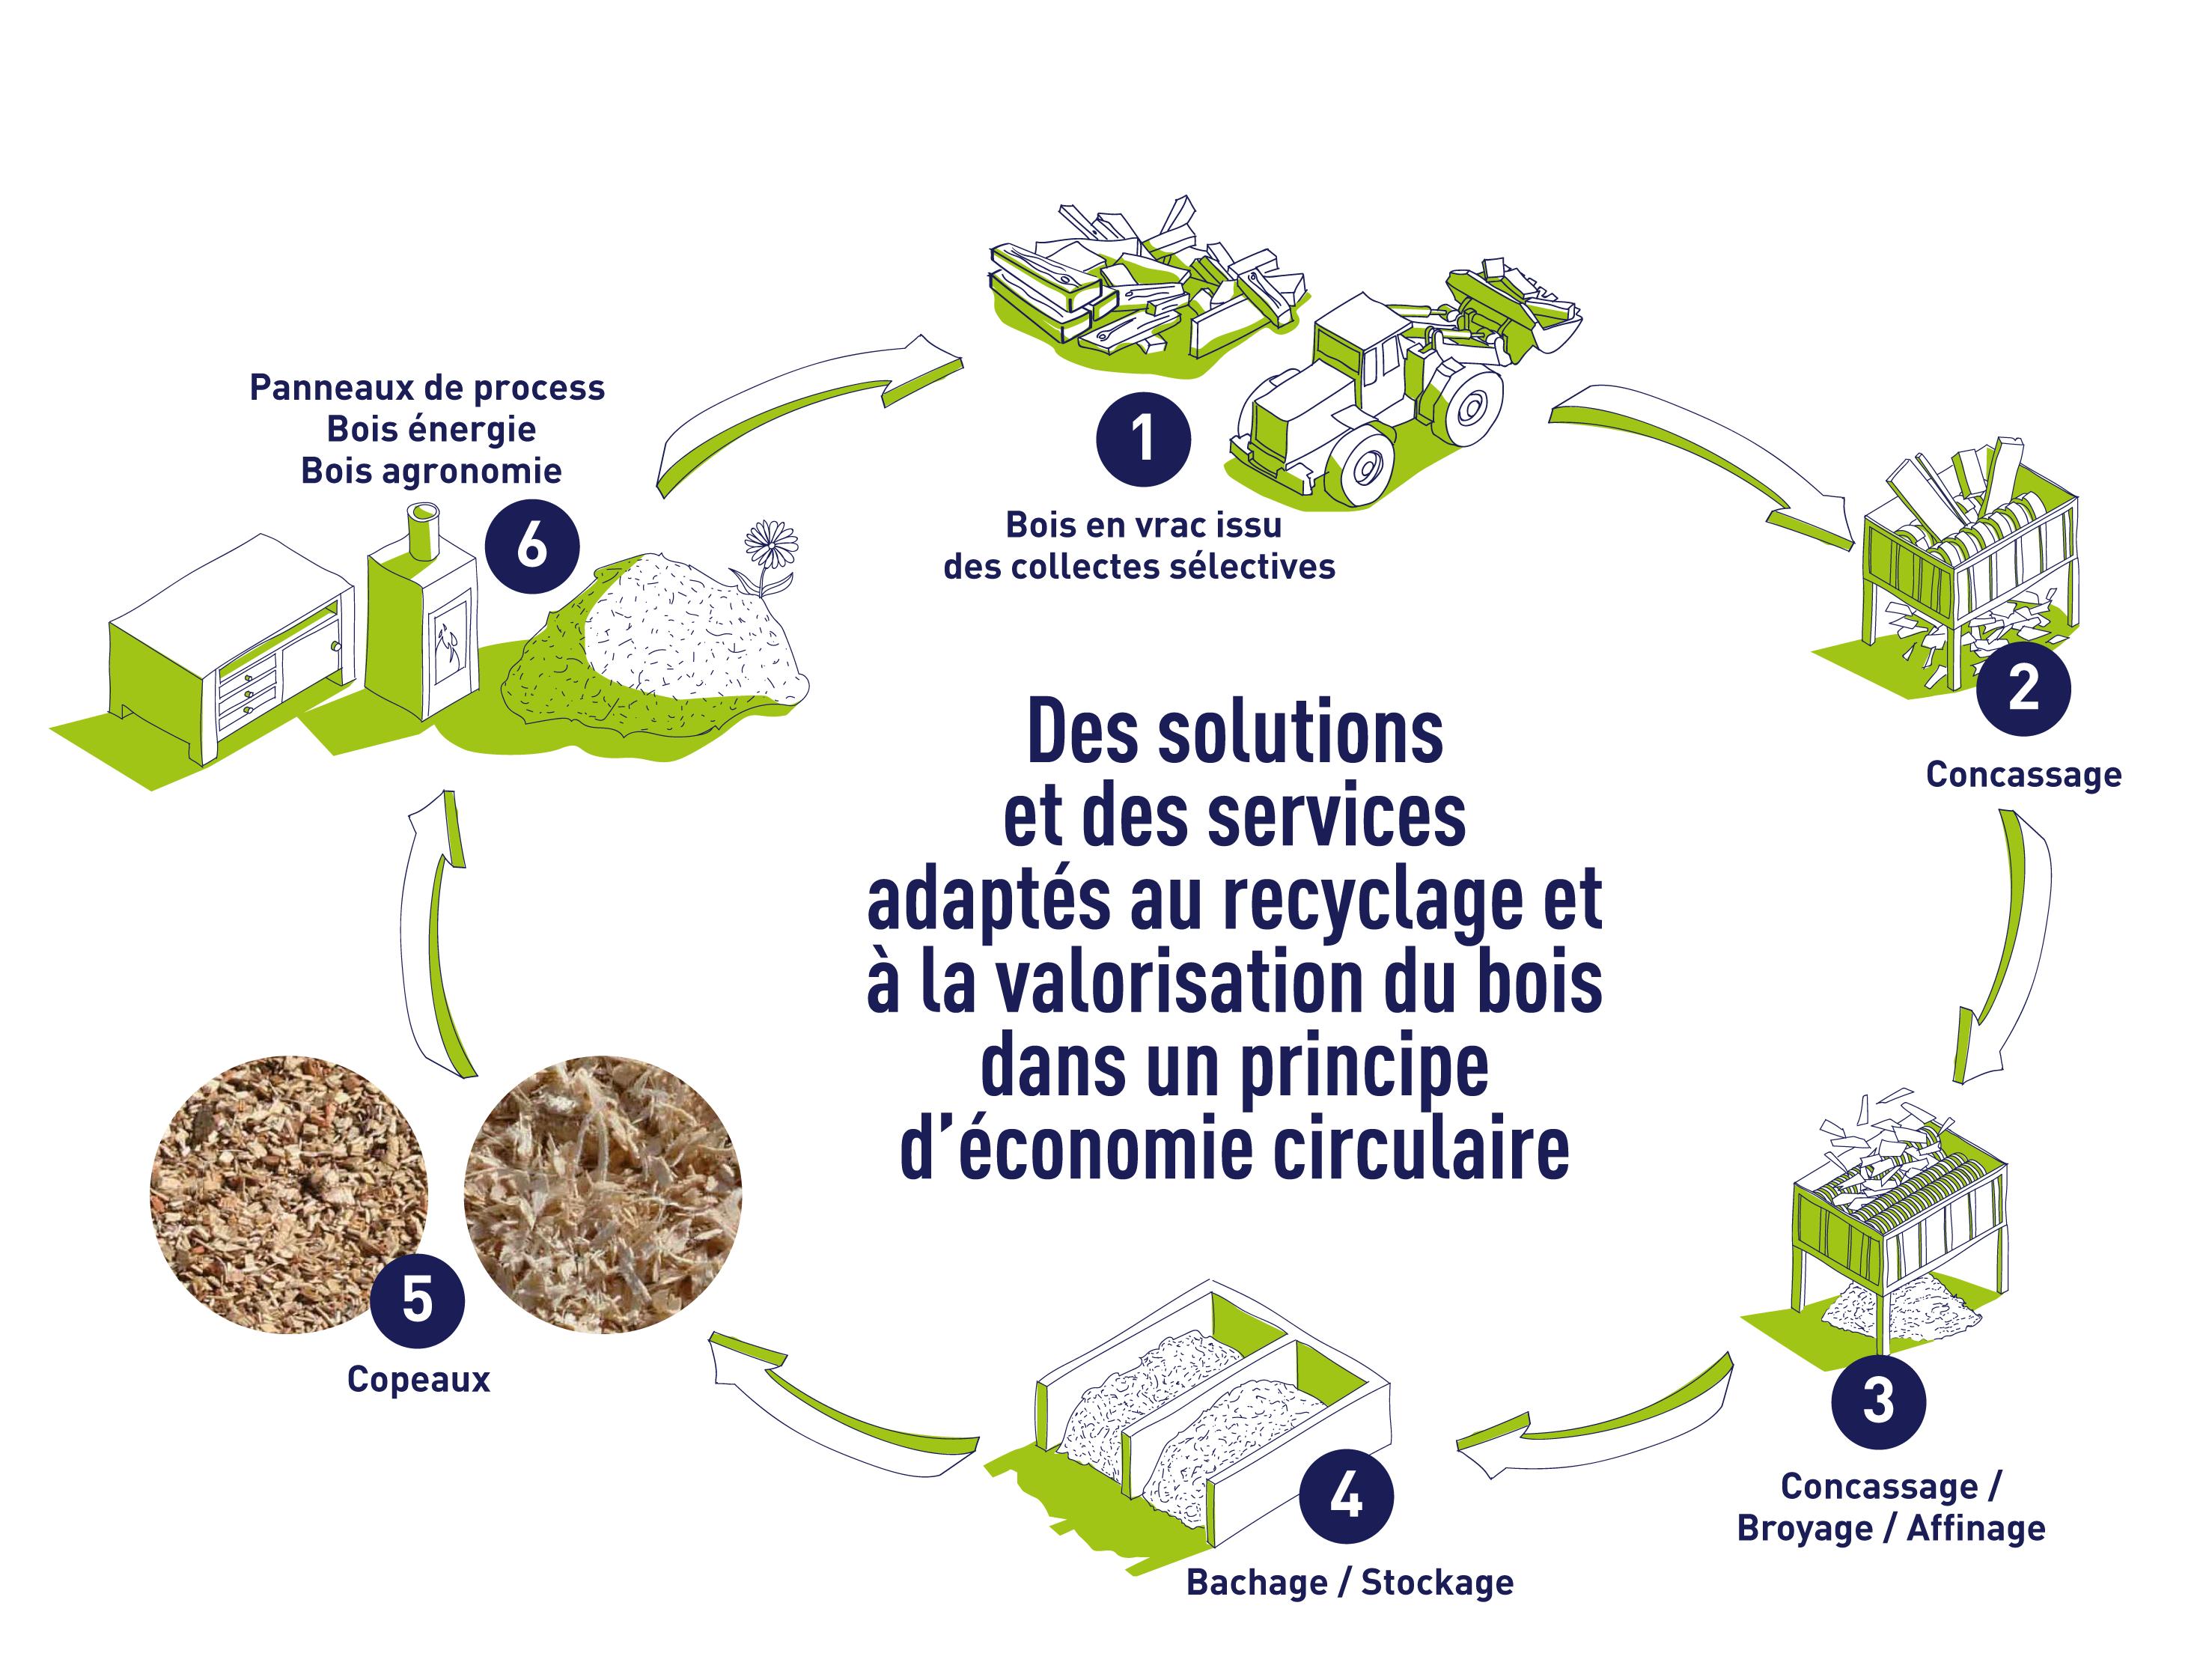 infographie sur le recyclage et la valorisation des dechets bois